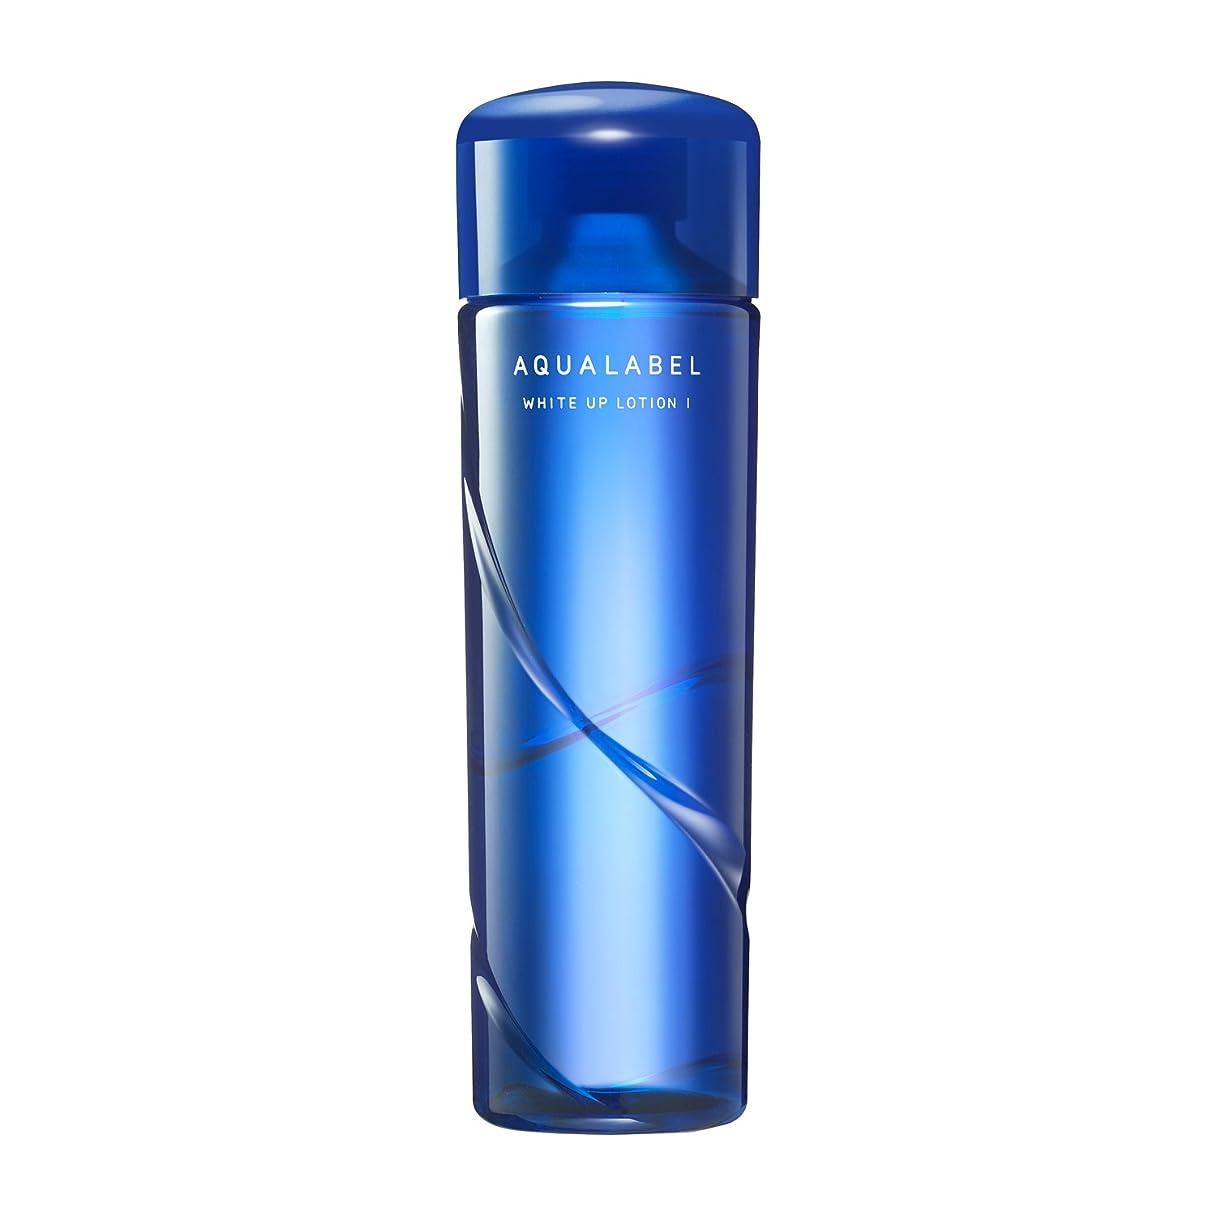 蒸留するヒューマニスティック情熱的アクアレーベル ホワイトアップ ローション 保湿?美白化粧水 (1) さっぱり 200mL 【医薬部外品】